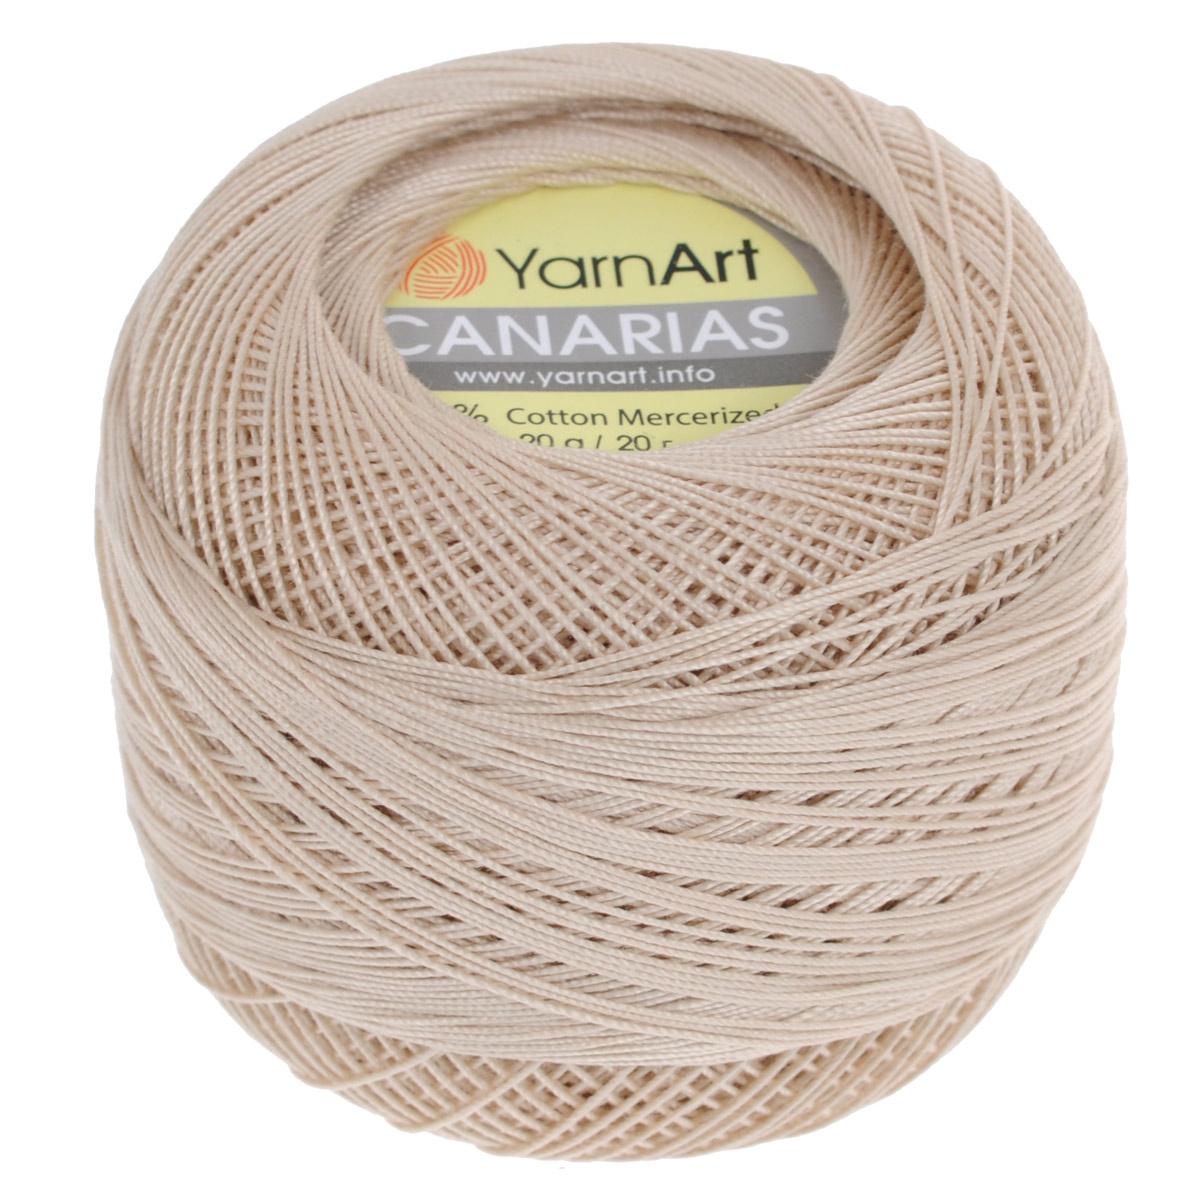 Пряжа для вязания YarnArt Canarias, цвет: бежевый (4660), 203 м, 20 г, 10 шт372079_4660Пряжа для вязания YarnArt Canarias изготовлена из мерсеризованного хлопка. Ультратонкая почти катушечная пряжа, нить шелковистая, блестящая, ровная без узелков, очень плотной крутки. Пряжа YarnArt Canarias - однотонной окраски с шелковистым блеском. Она прекрасно подойдет для вязания ажурных кружев, салфеток, скатерок, шалей, шляп и т.д. Пряжа натуральная, гипоаллегренная, экологичная, поэтому подходит для детских изделий. Легкий блеск и шелковистая текстура пряжи гарантируют превосходный результат. Пряжа окрашена стойкими качественными красителями, не линяет. Рекомендуются спицы и крючок 0,5-1,5 мм. Комплектация: 10 мотков. Состав: 100% хлопок.